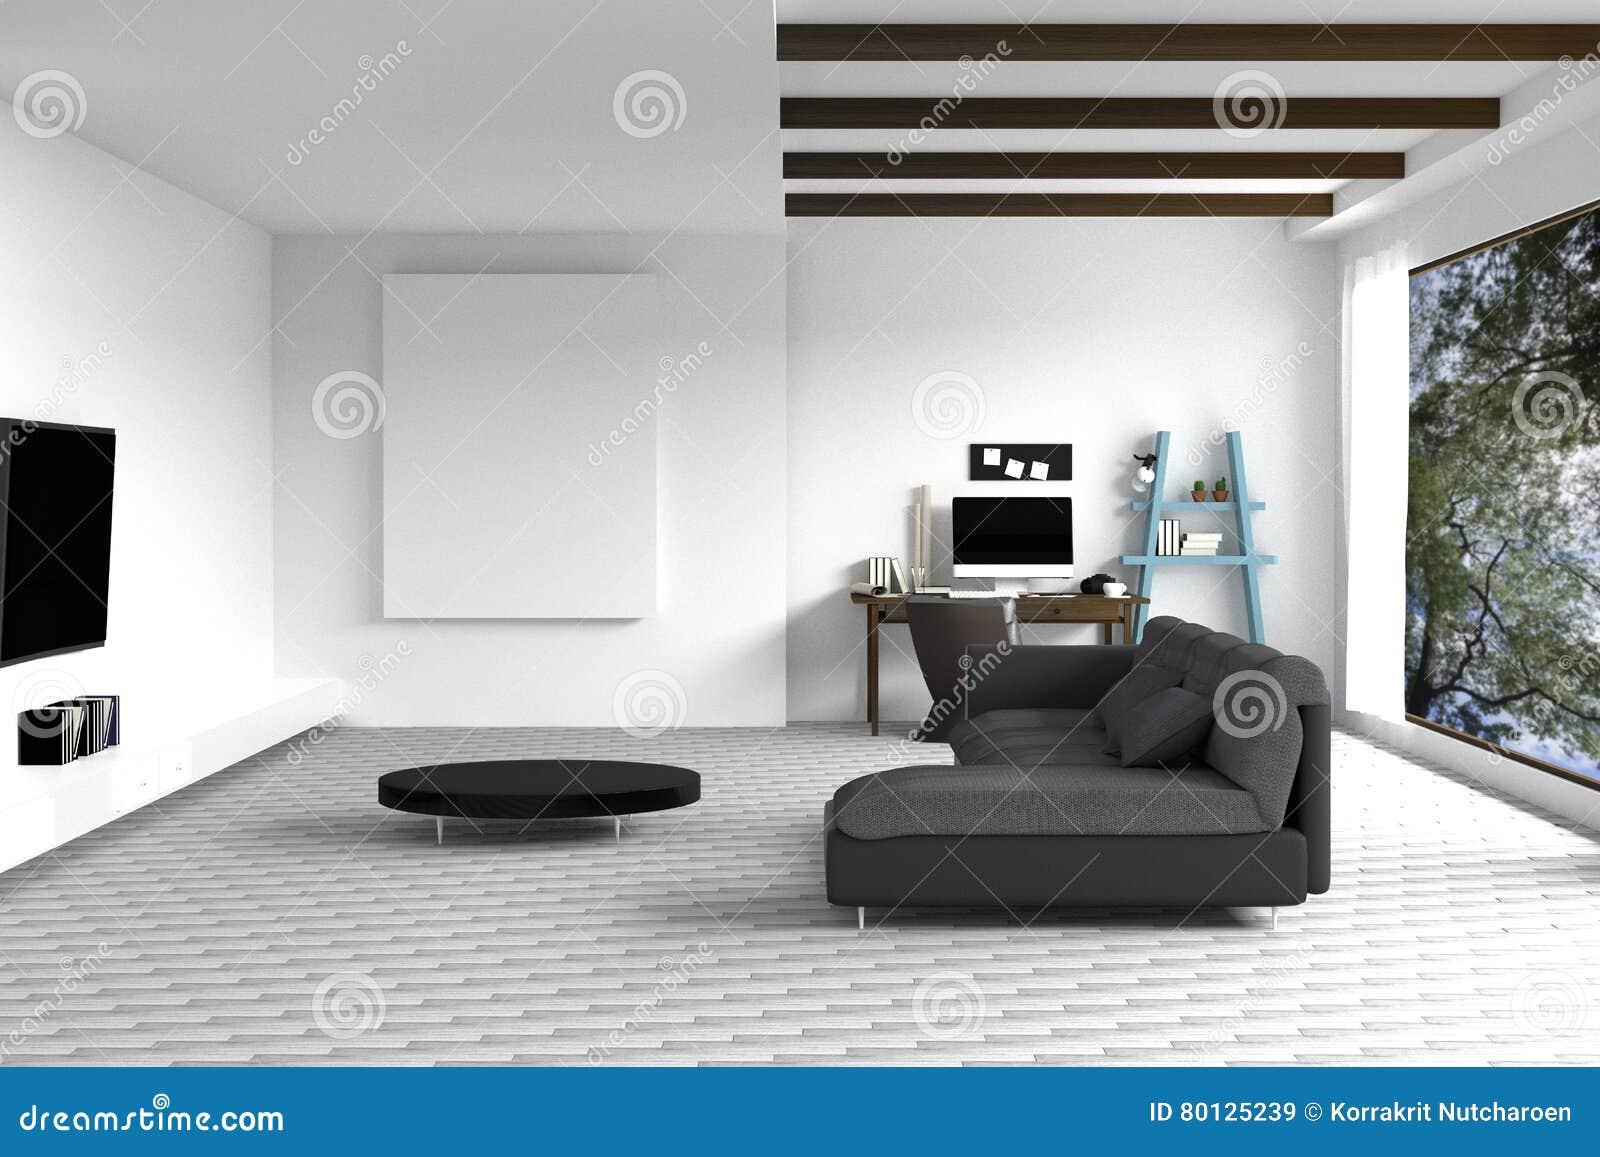 3D Rendering : Illustration Of White Living Room Interior Design ...